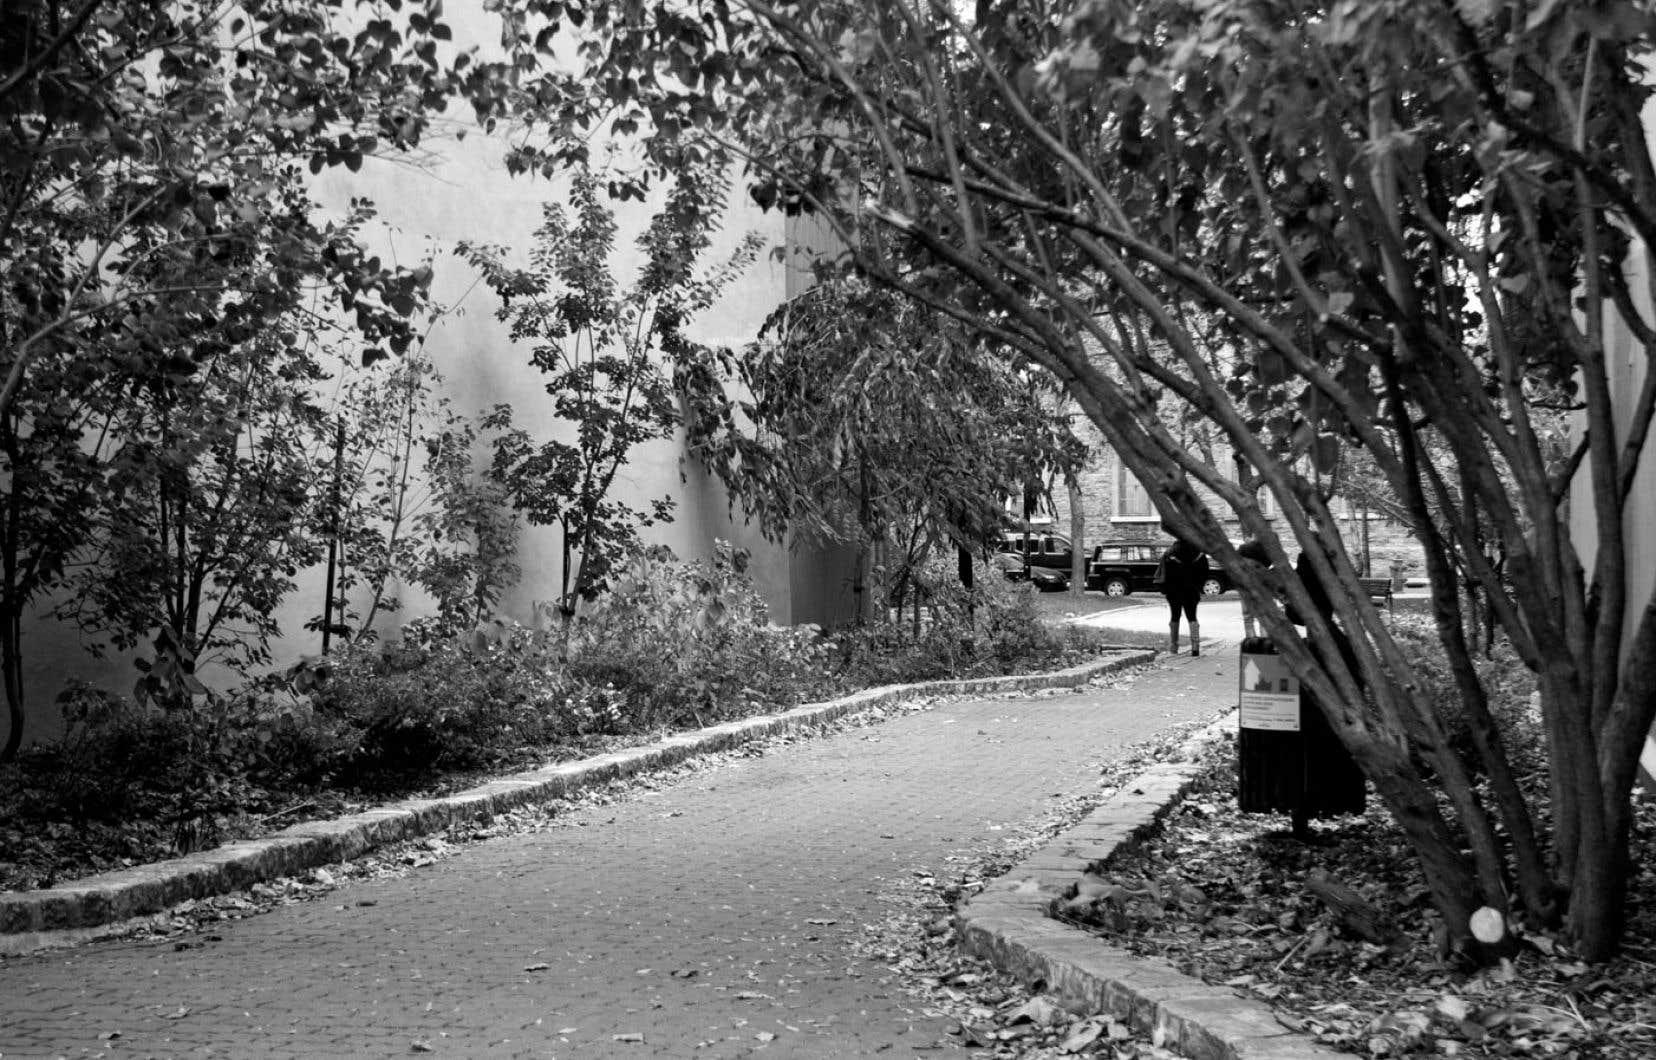 Loin du tumulte de la grande Sainte-Catherine, il existe des détours plus tranquilles dans le Village comme la rue Sainte-Rose, véritable morceau de campagne au coeur de la ville.